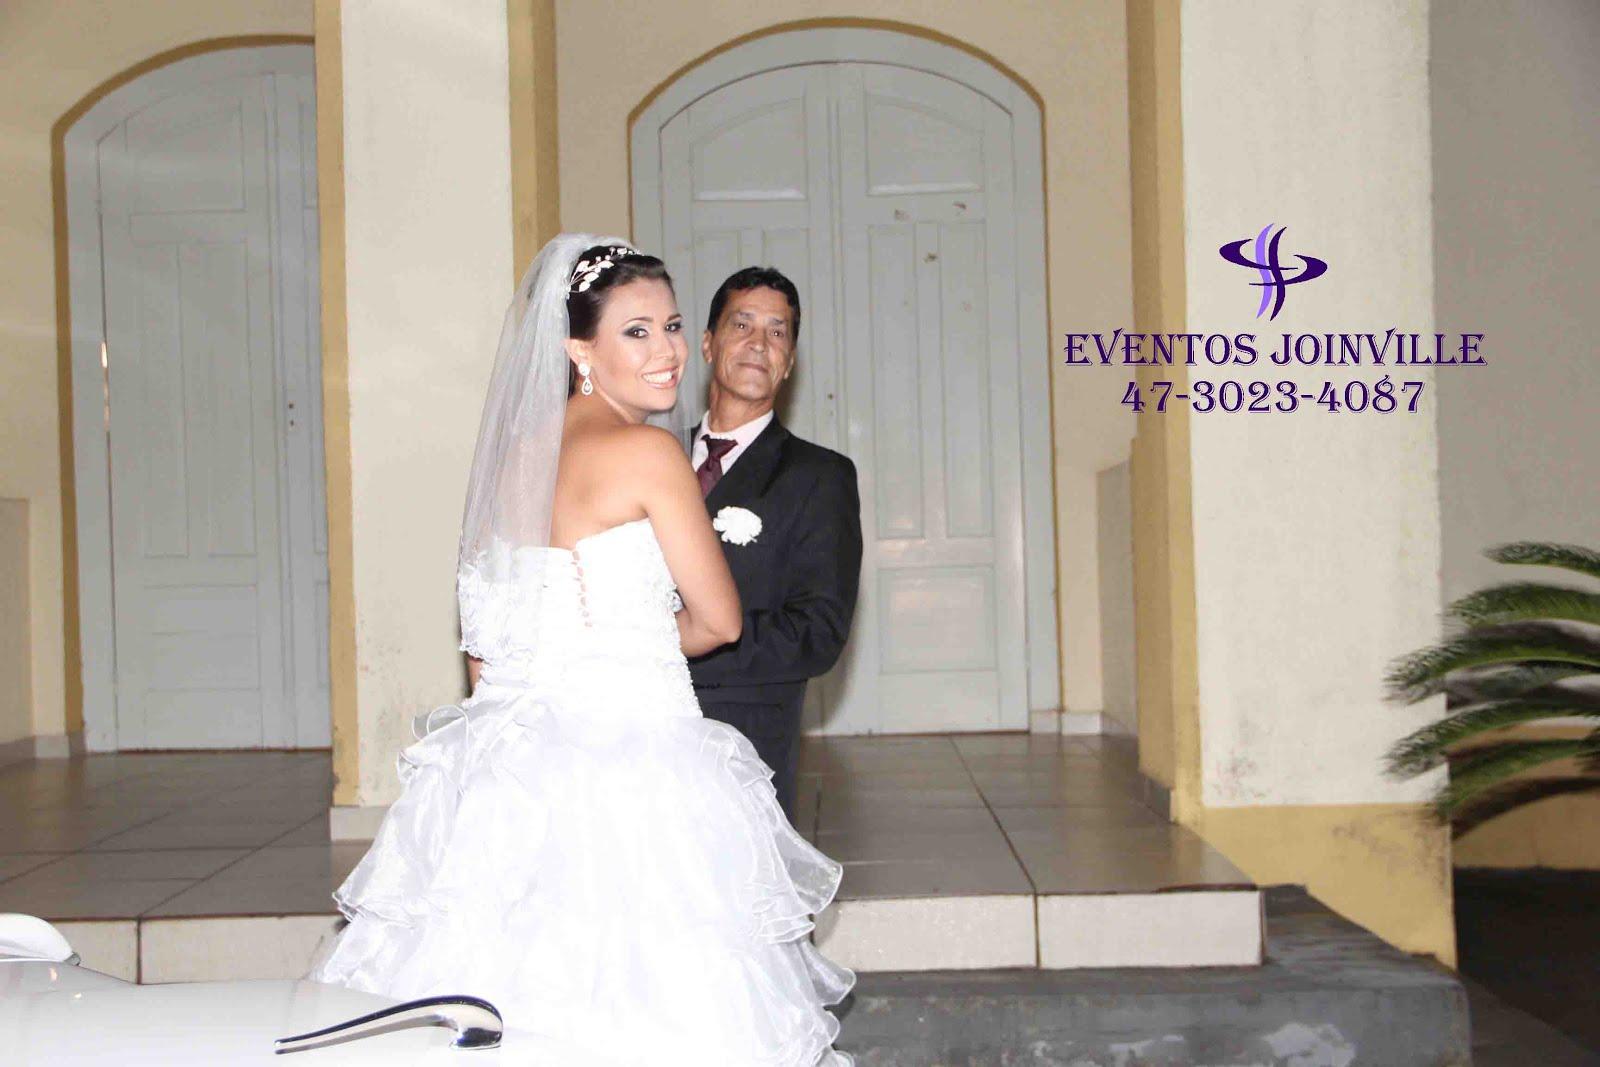 Cerimonialista para casamento em Joinville